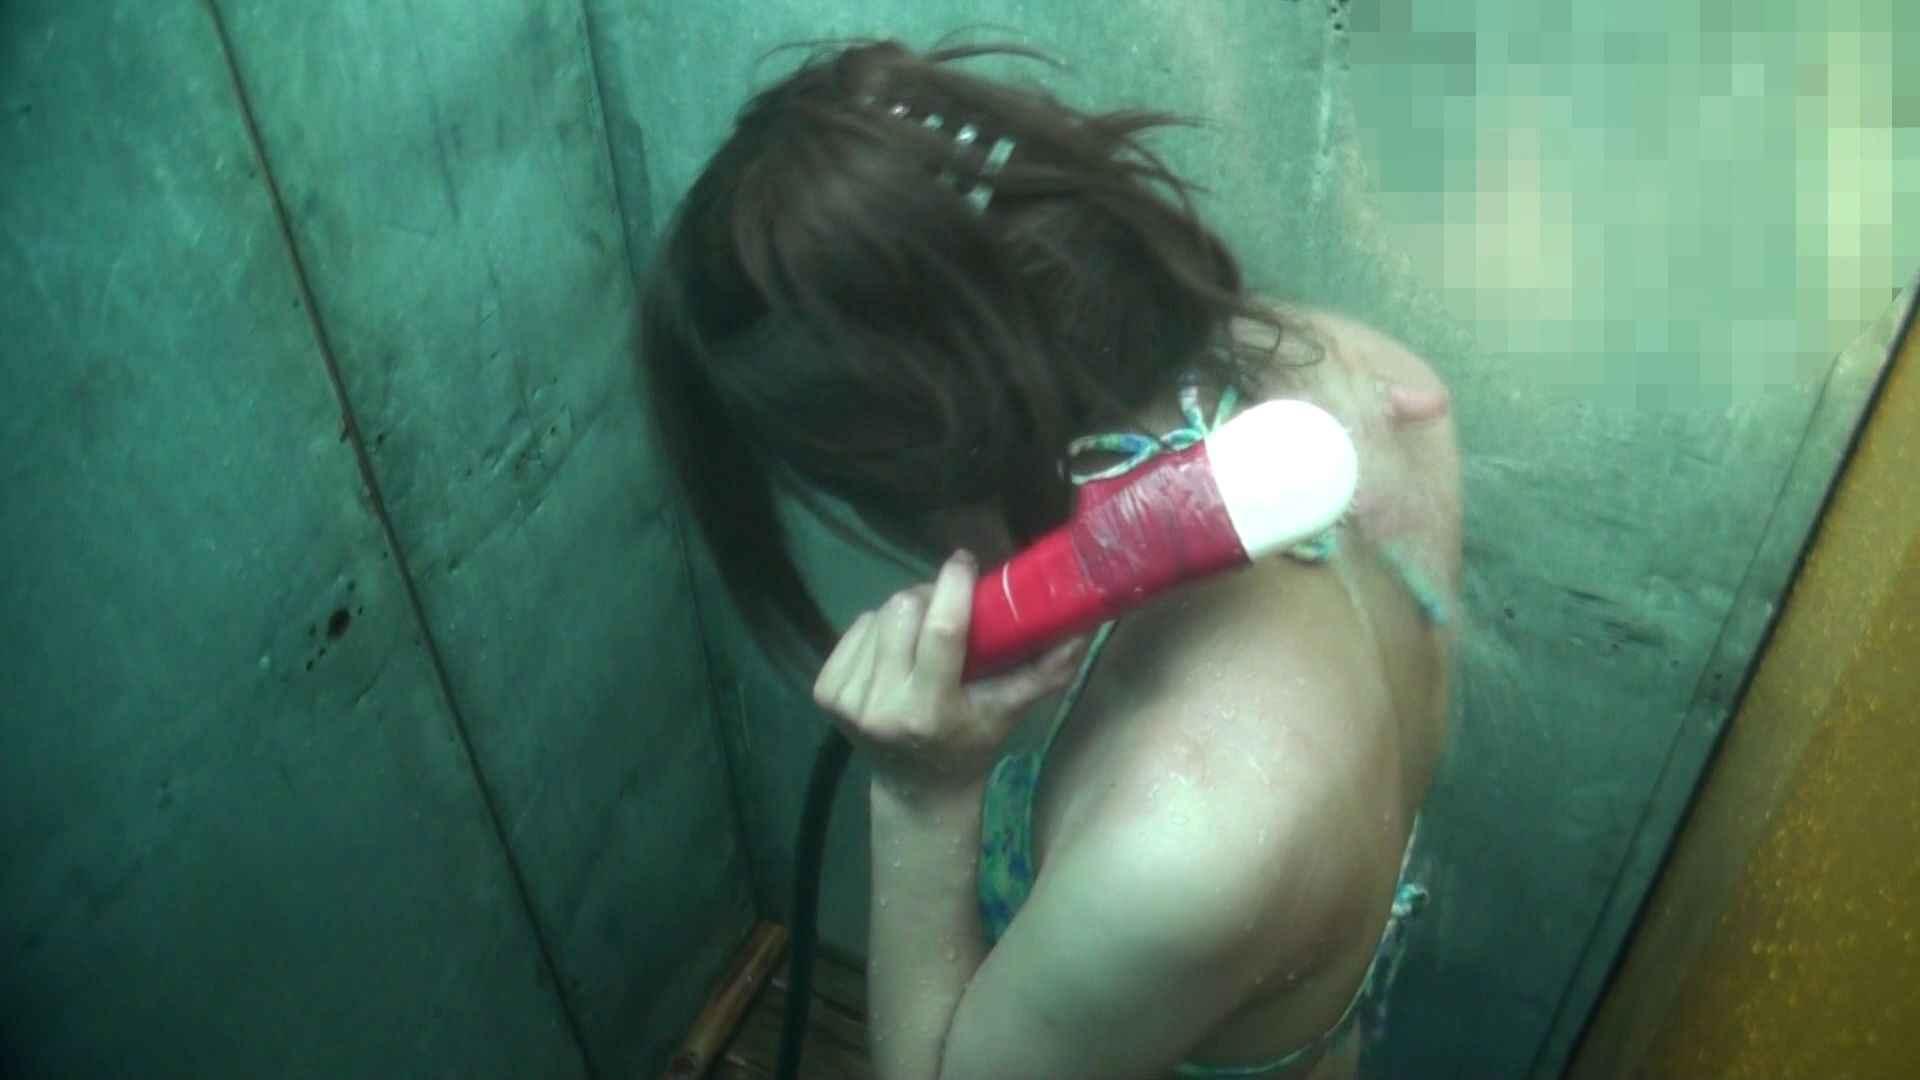 シャワールームは超!!危険な香りVol.15 残念ですが乳首未確認 マンコの砂は入念に シャワー   マンコ満開  106画像 26